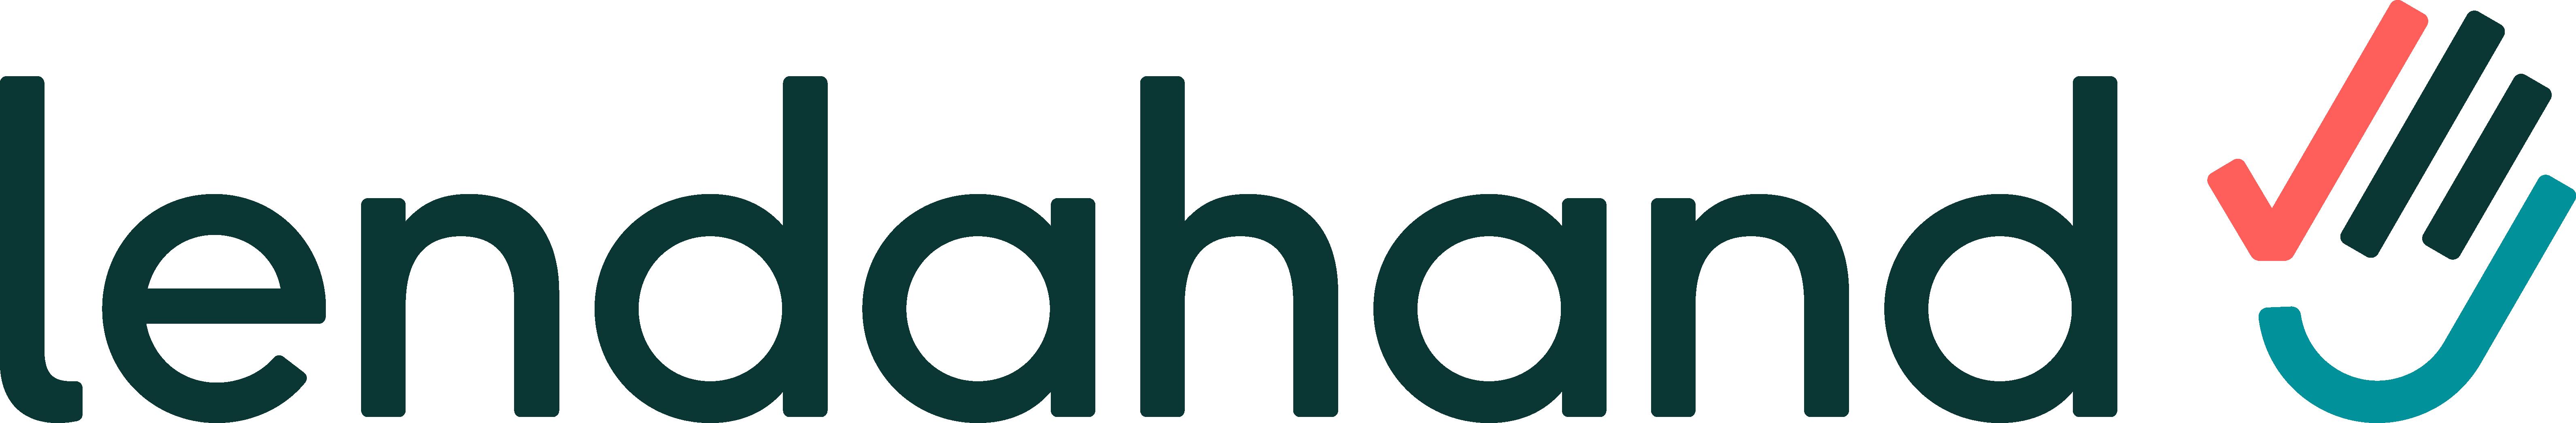 Logo for Lendahand